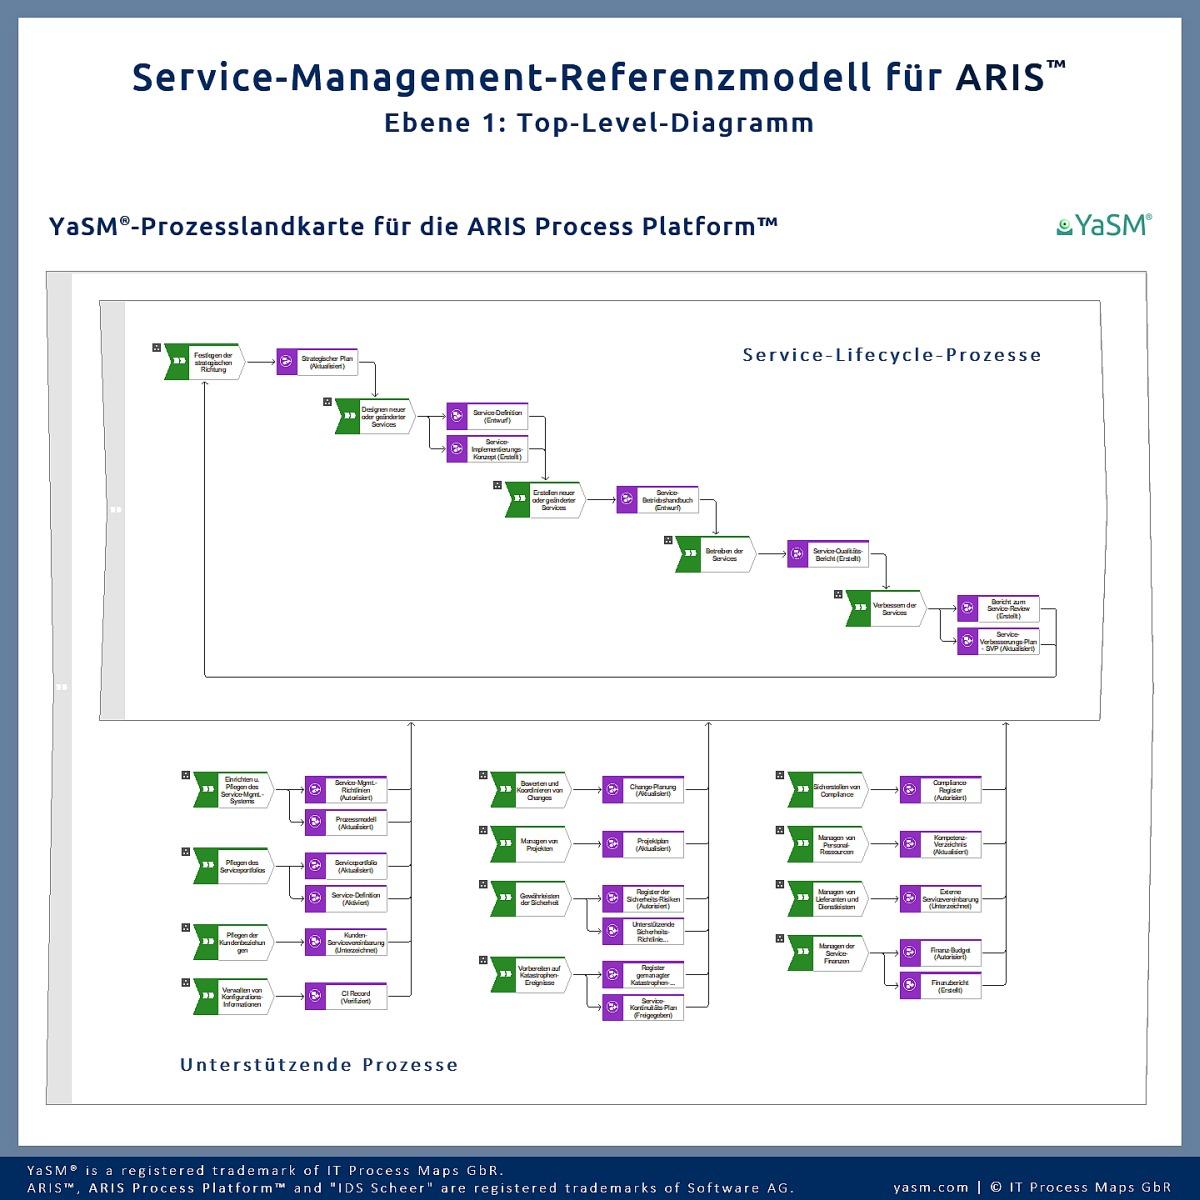 Die YaSM-Prozesslandkarte für die ARIS Process Platform: ARIS Service-Management Referenz-Prozessmodell für IT Service Management (ITSM) und Enterprise Service Management Vorhaben.